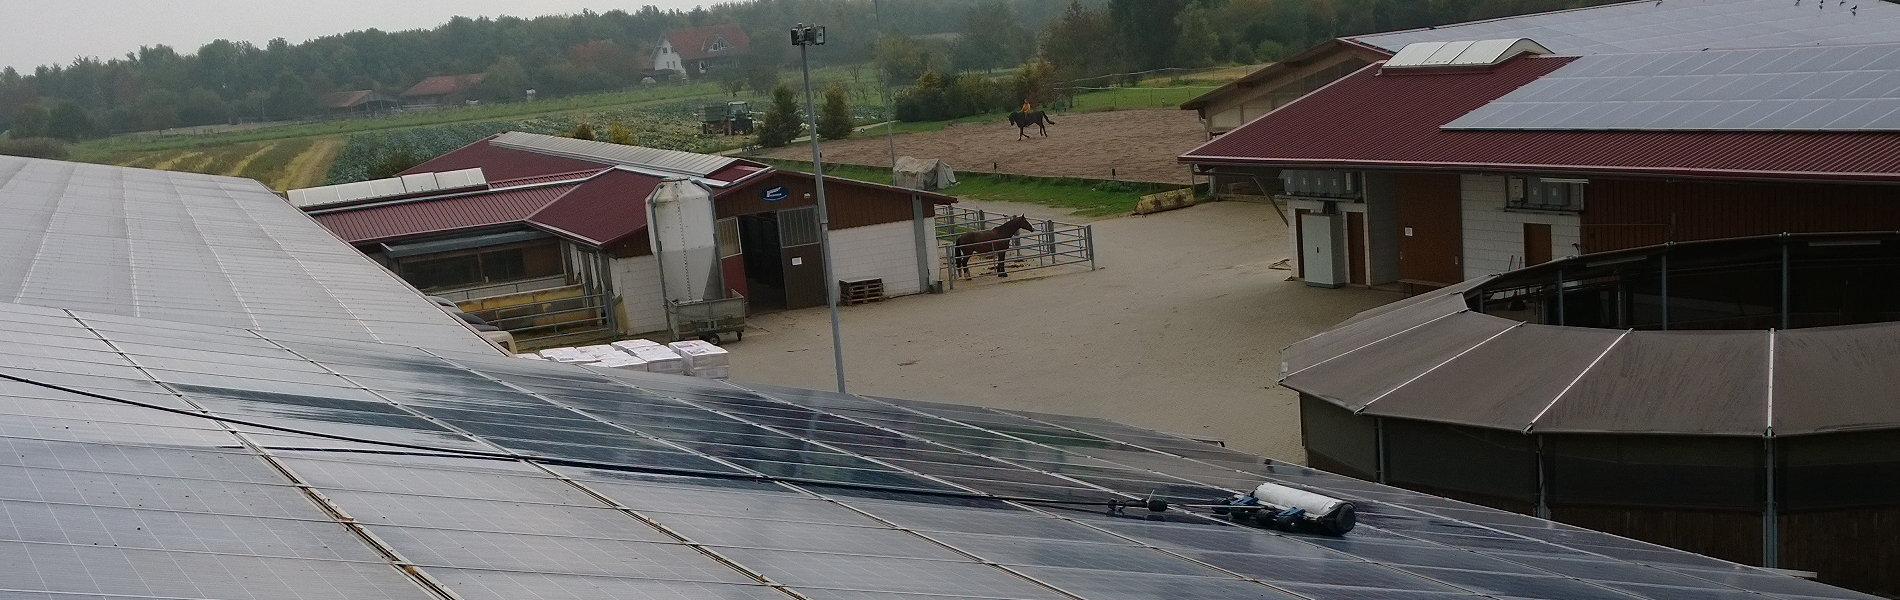 Pferdehof Hallendach Photovoltaikanlage Reinigung mit Bürste